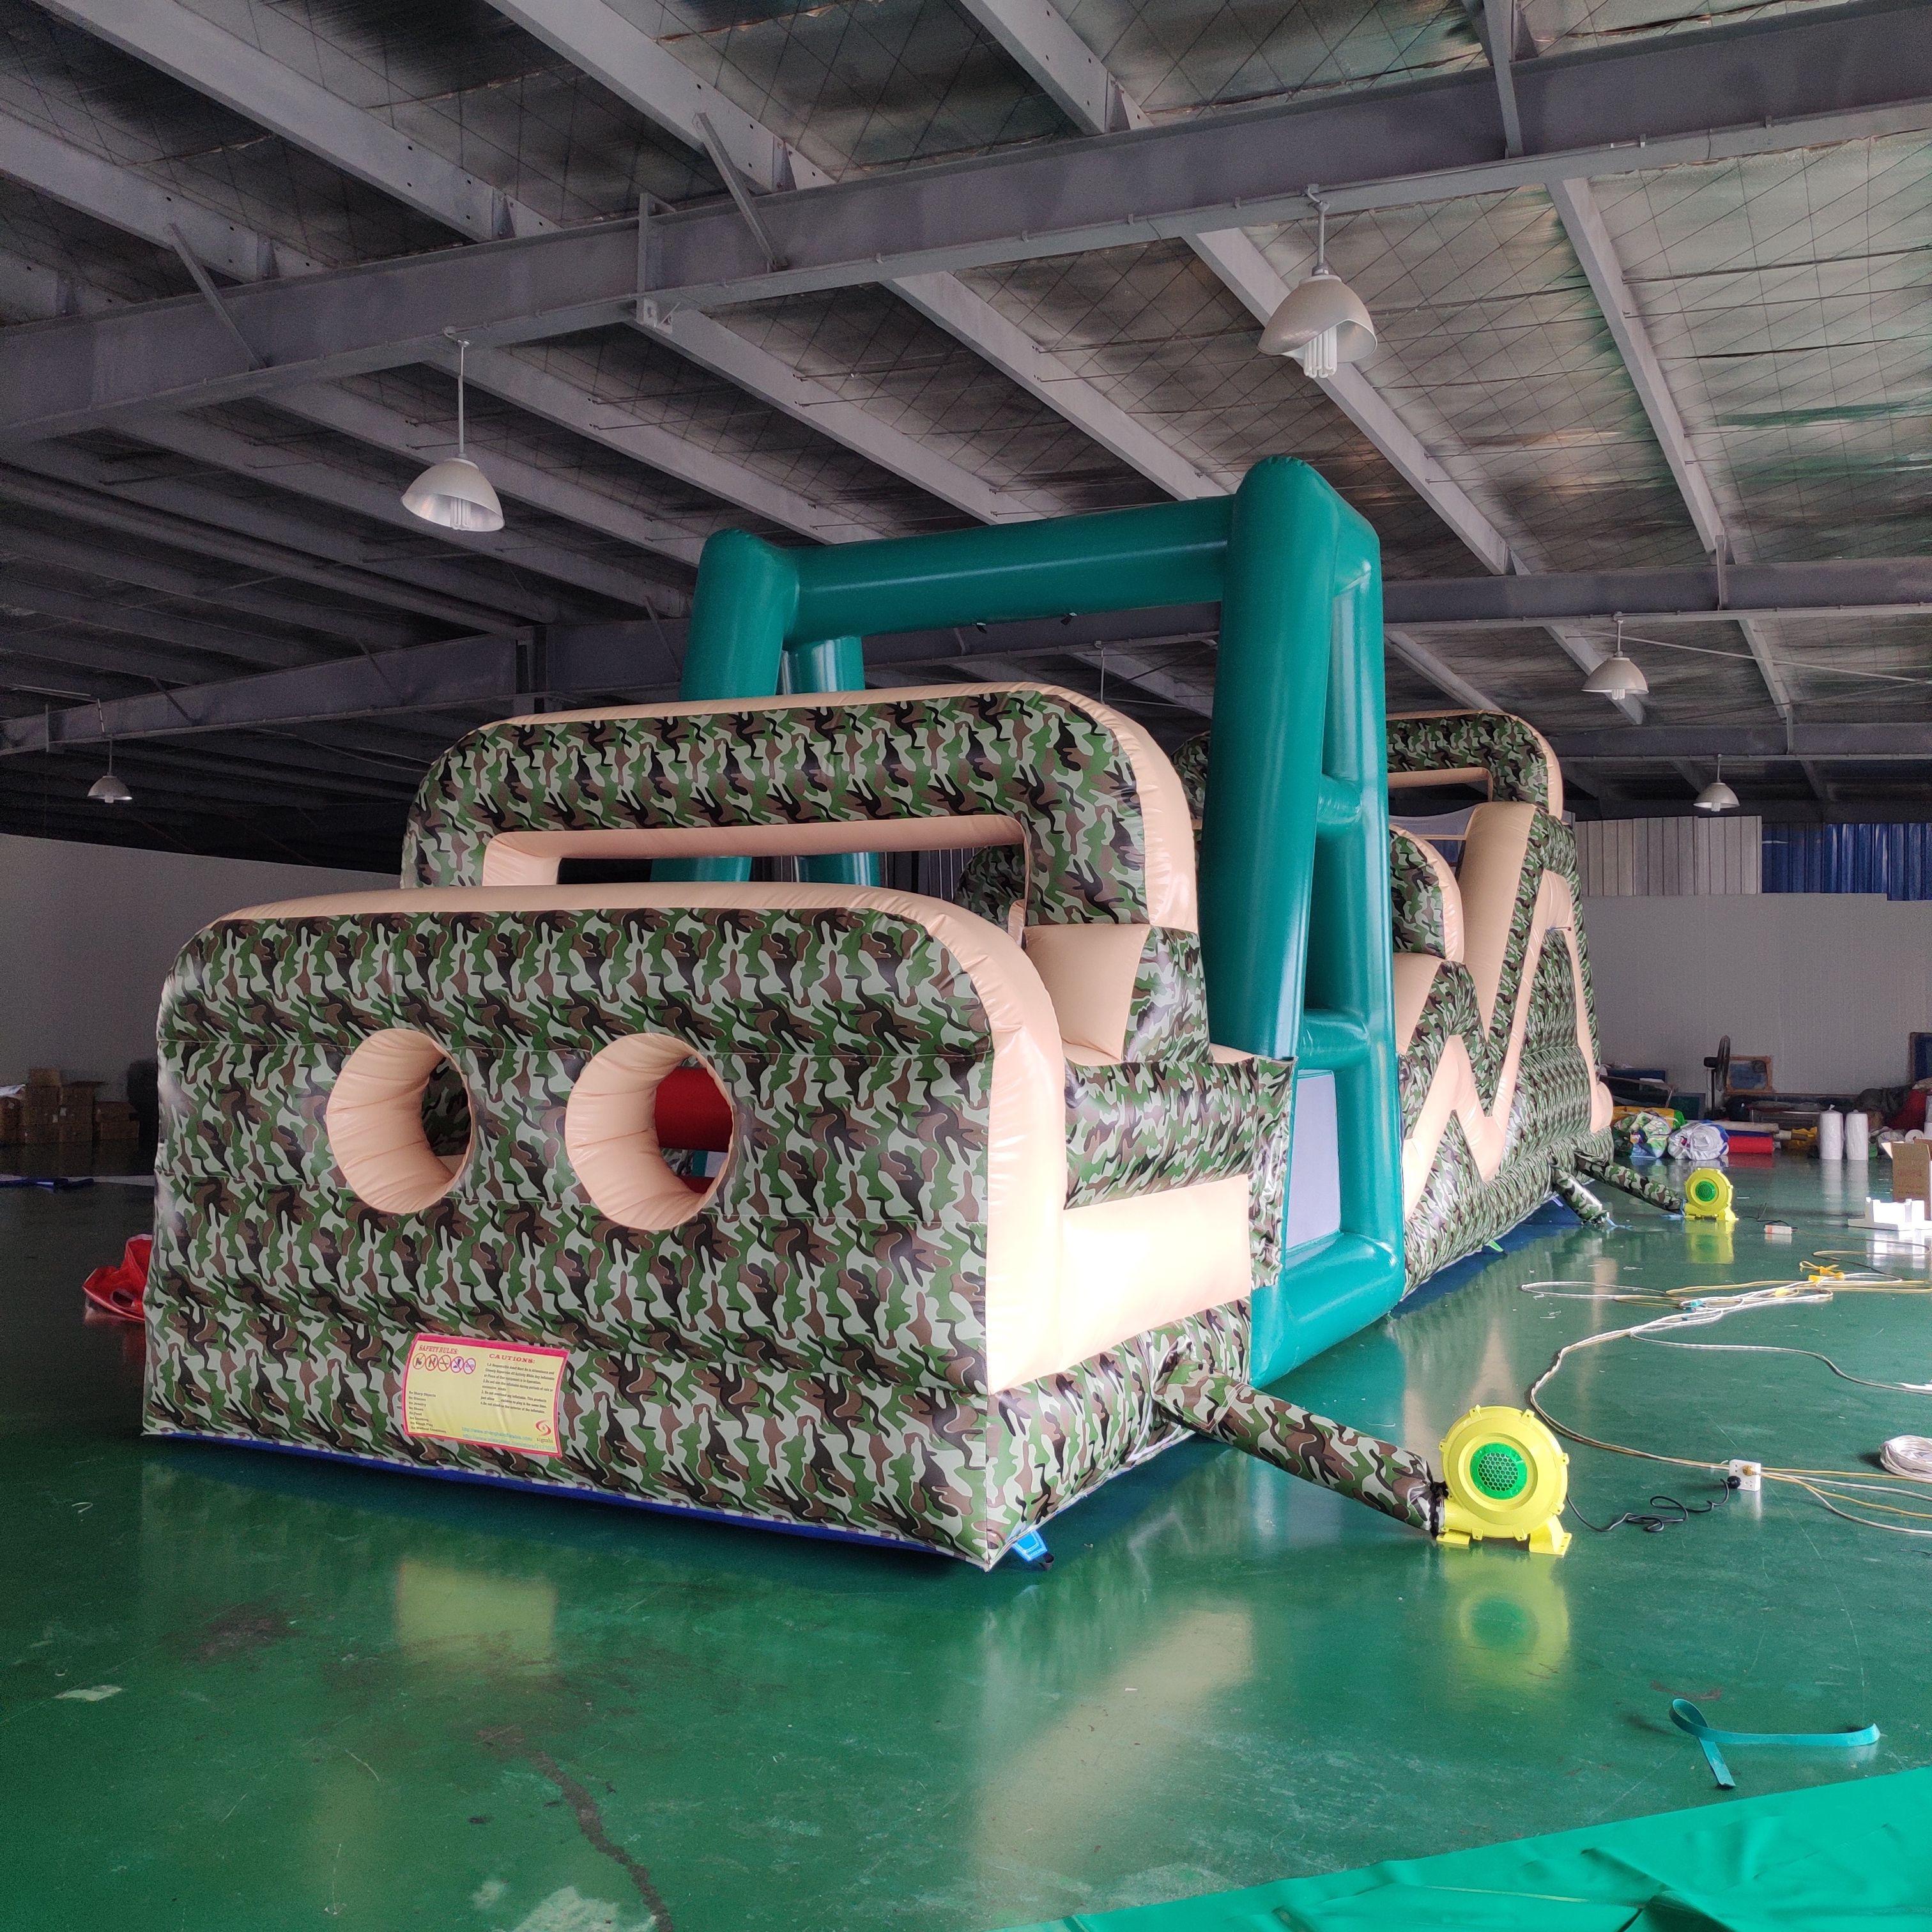 Al aire libre de obstáculos inflables de golf al aire libre de los niños asombrosos juegos inflables